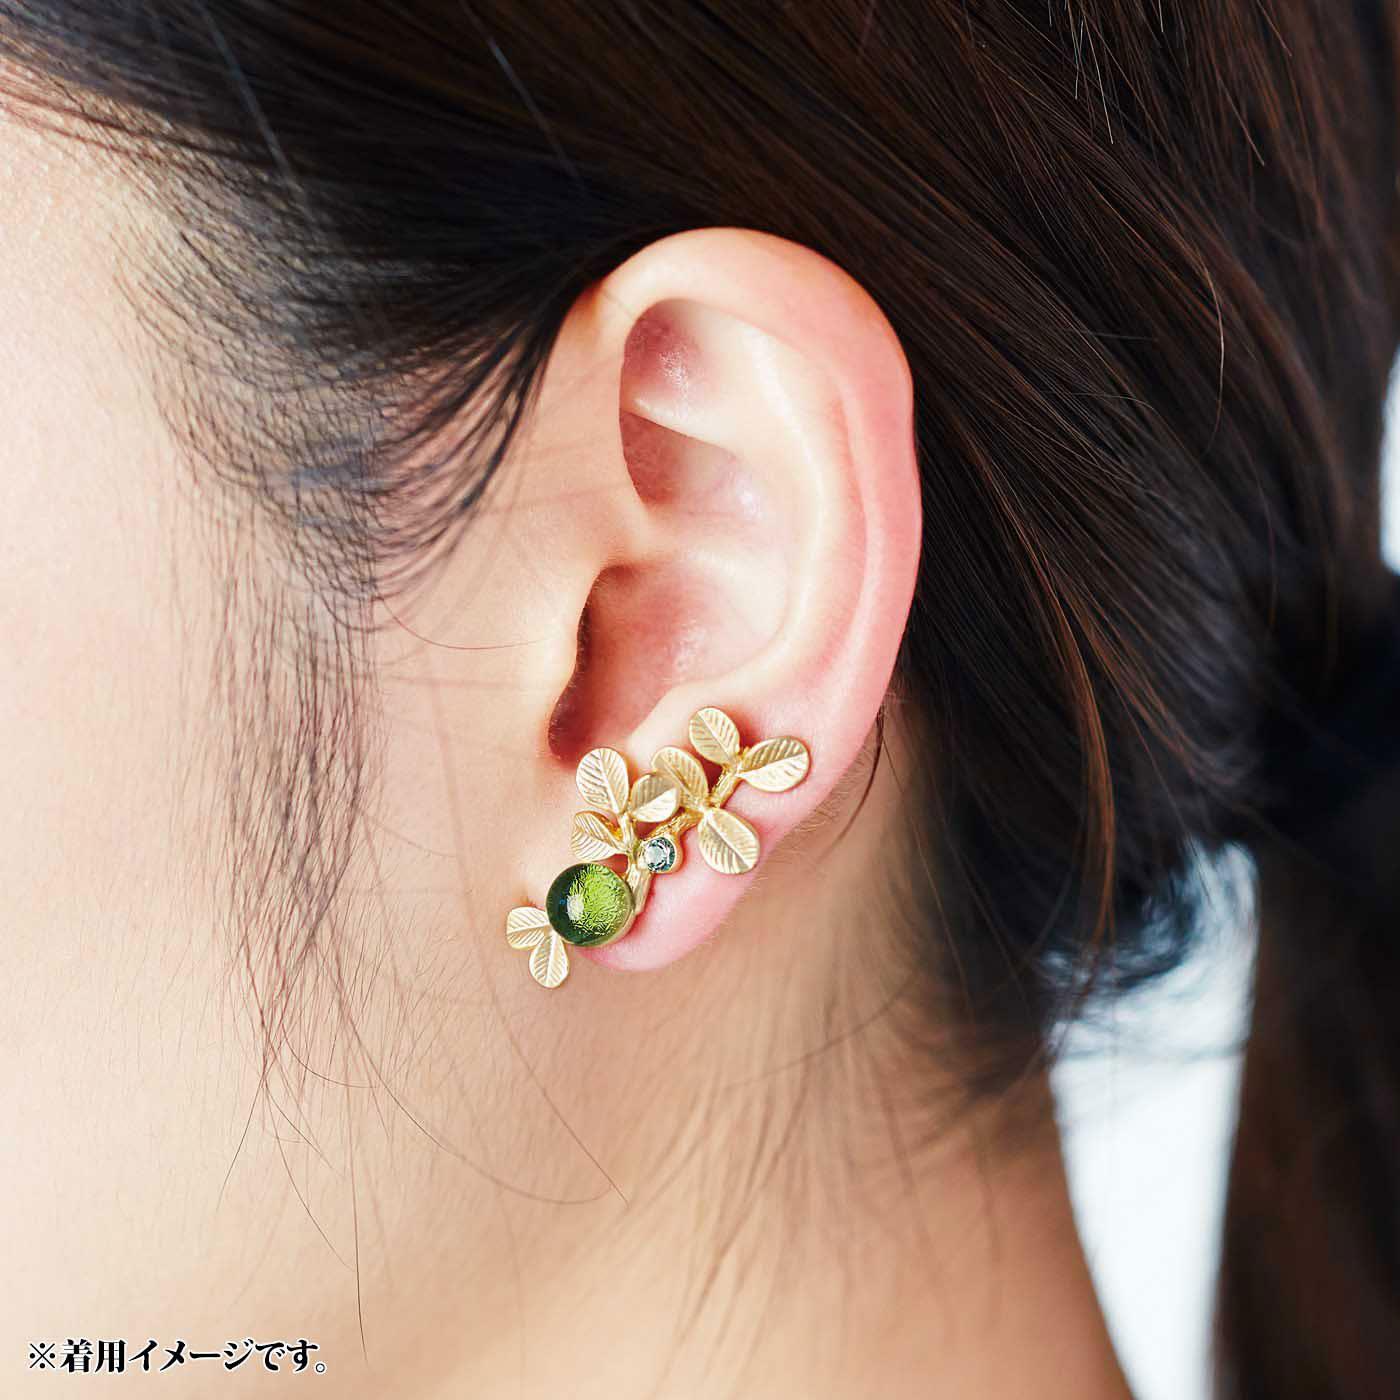 これは参考画像です。 左耳は耳たぶを挟み込むだけの着脱簡単なクリップ式のイヤカフ。厚みも調節でき、気軽に着けられます。